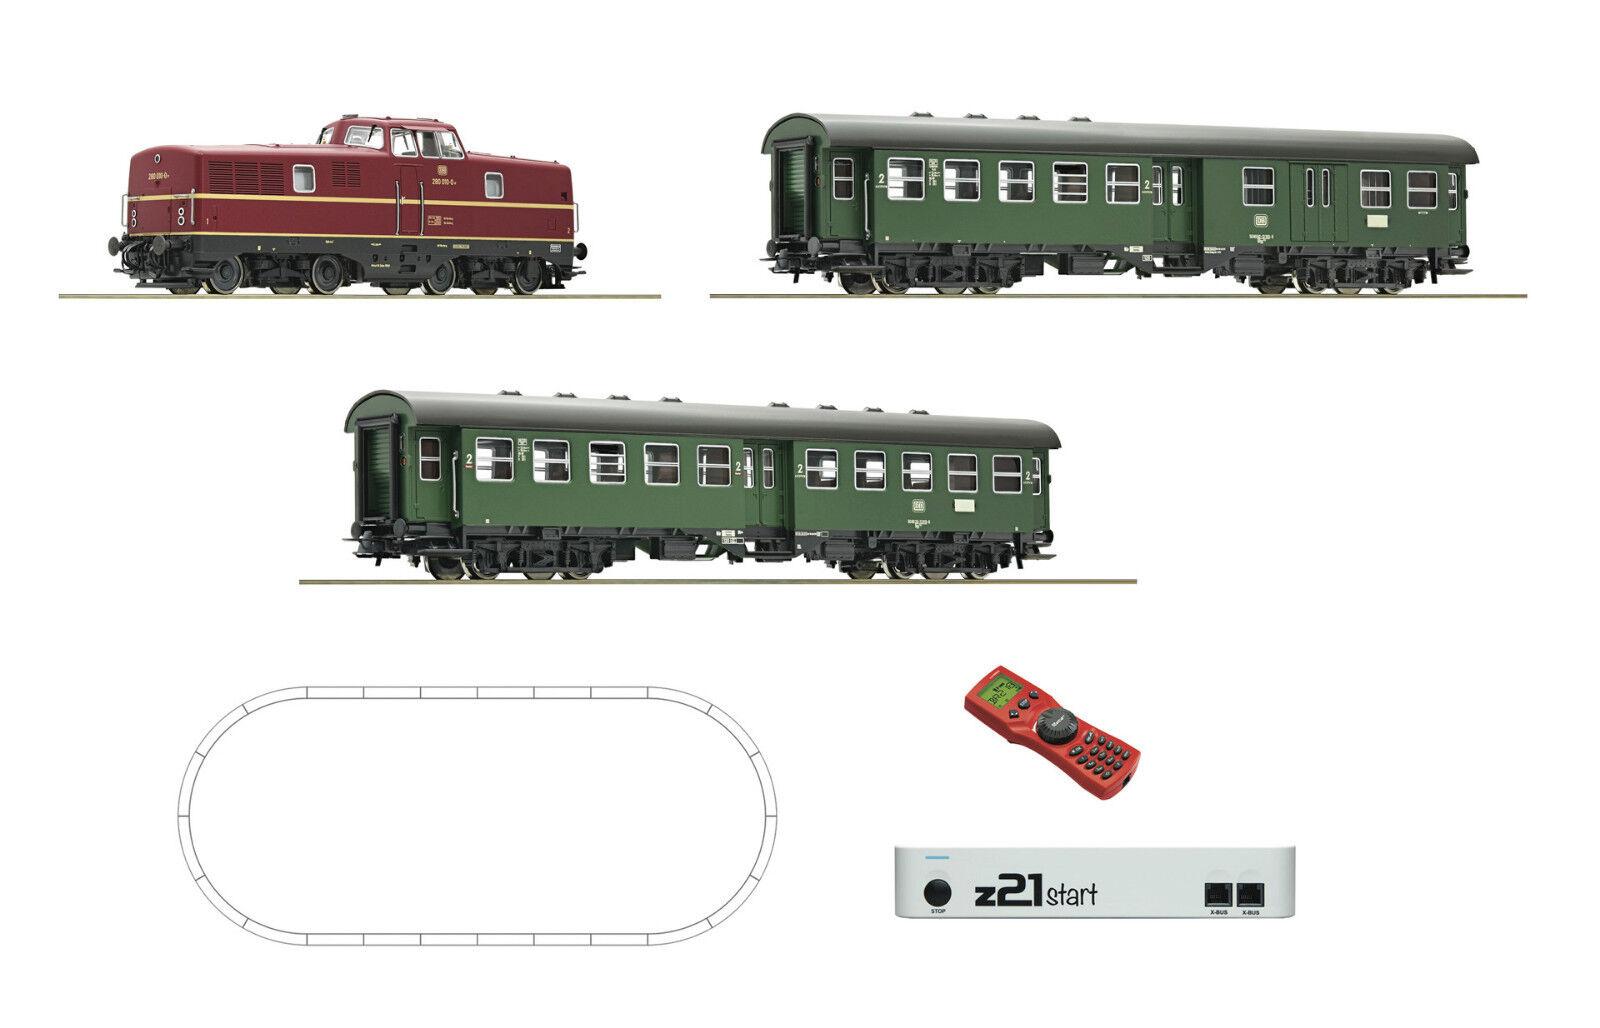 vendita scontata ROCO ROCO ROCO 51295 Digital Estrellatset BR 280 treno z21 Multi mouse Ep IV nuovo OVP  offrendo il 100%